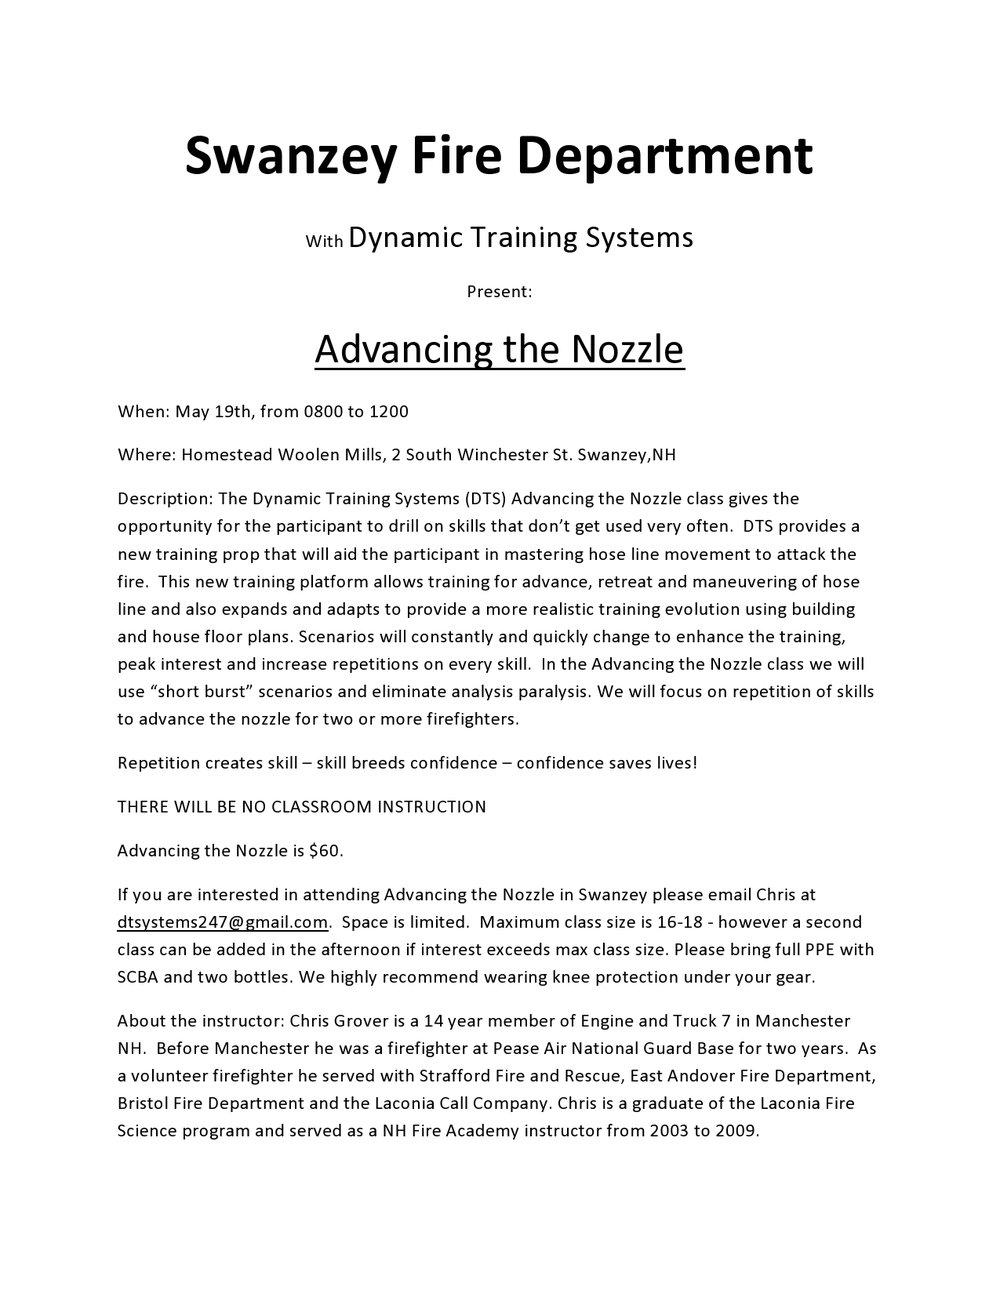 Swanzey class flier-page0001.jpg